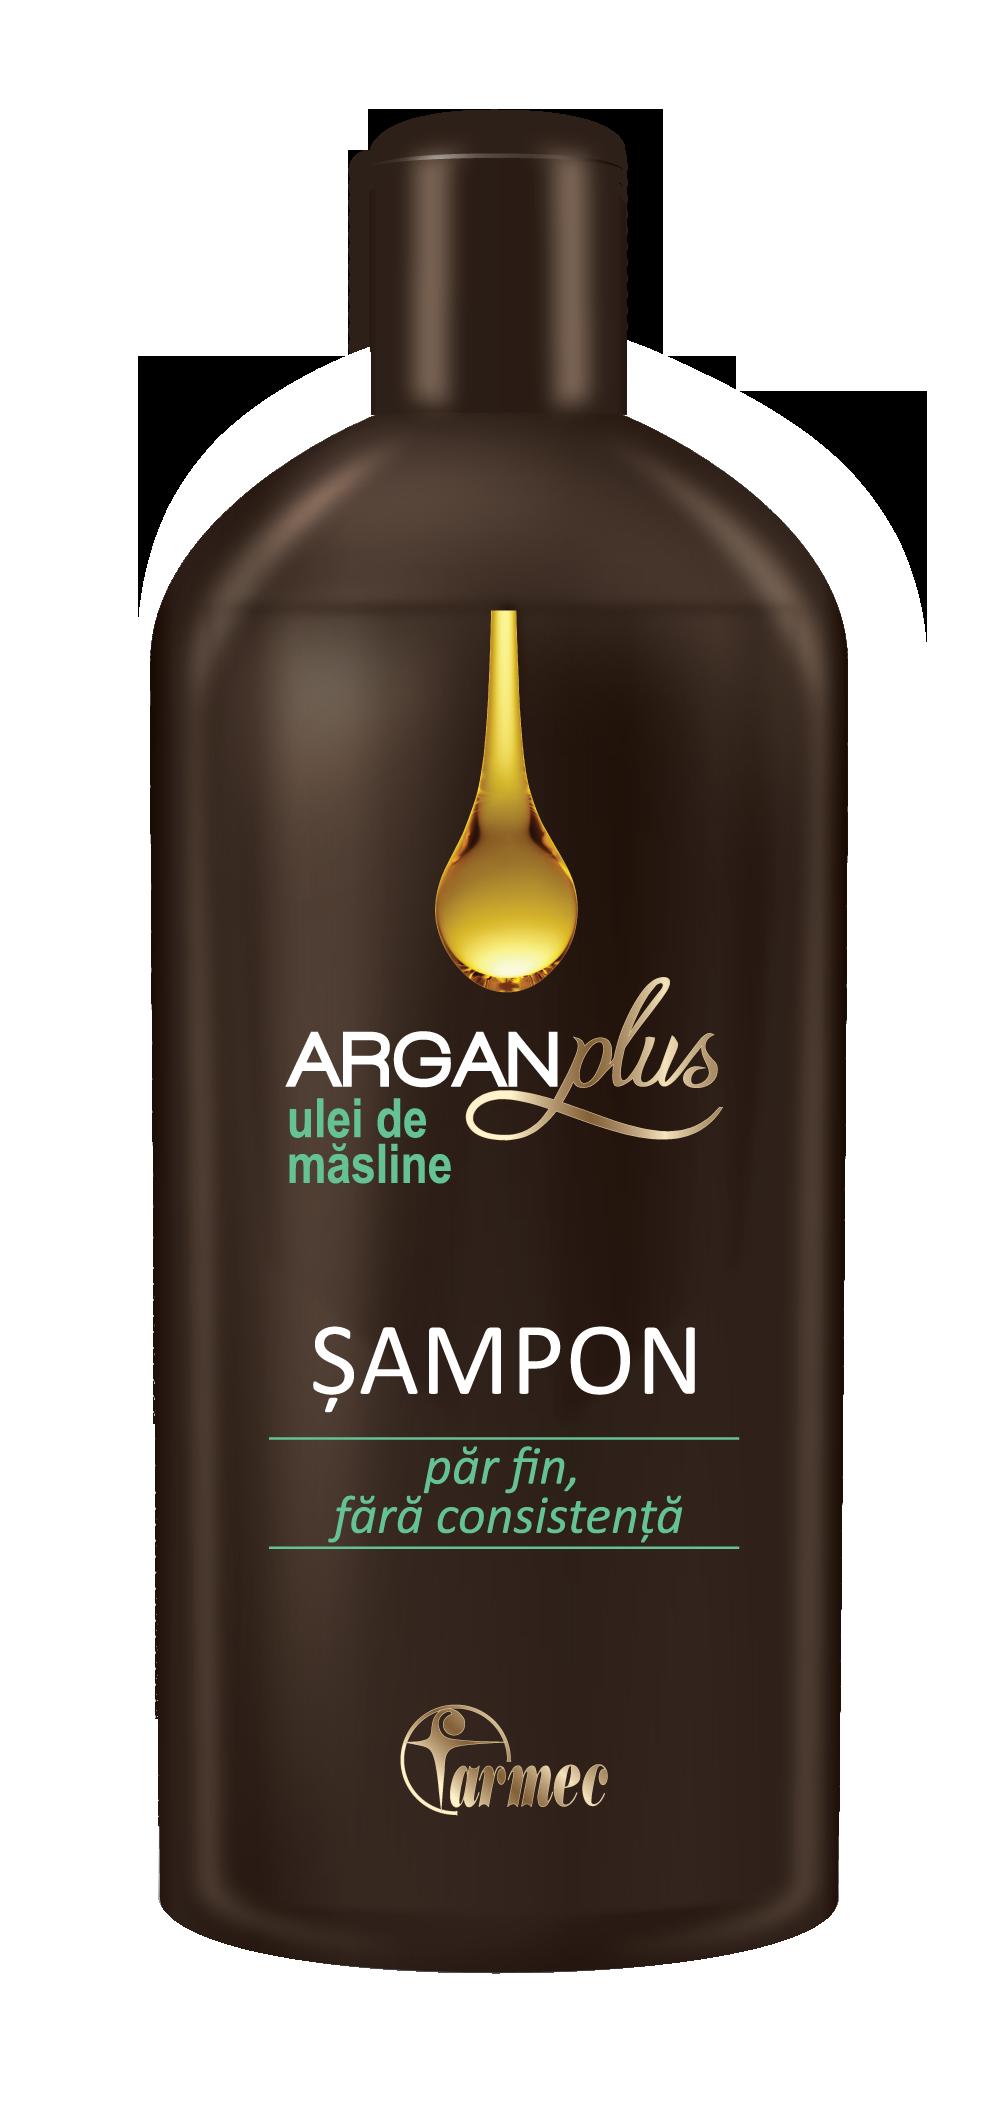 Farmec- ARGAN Plus Sampon cu ulei de masline